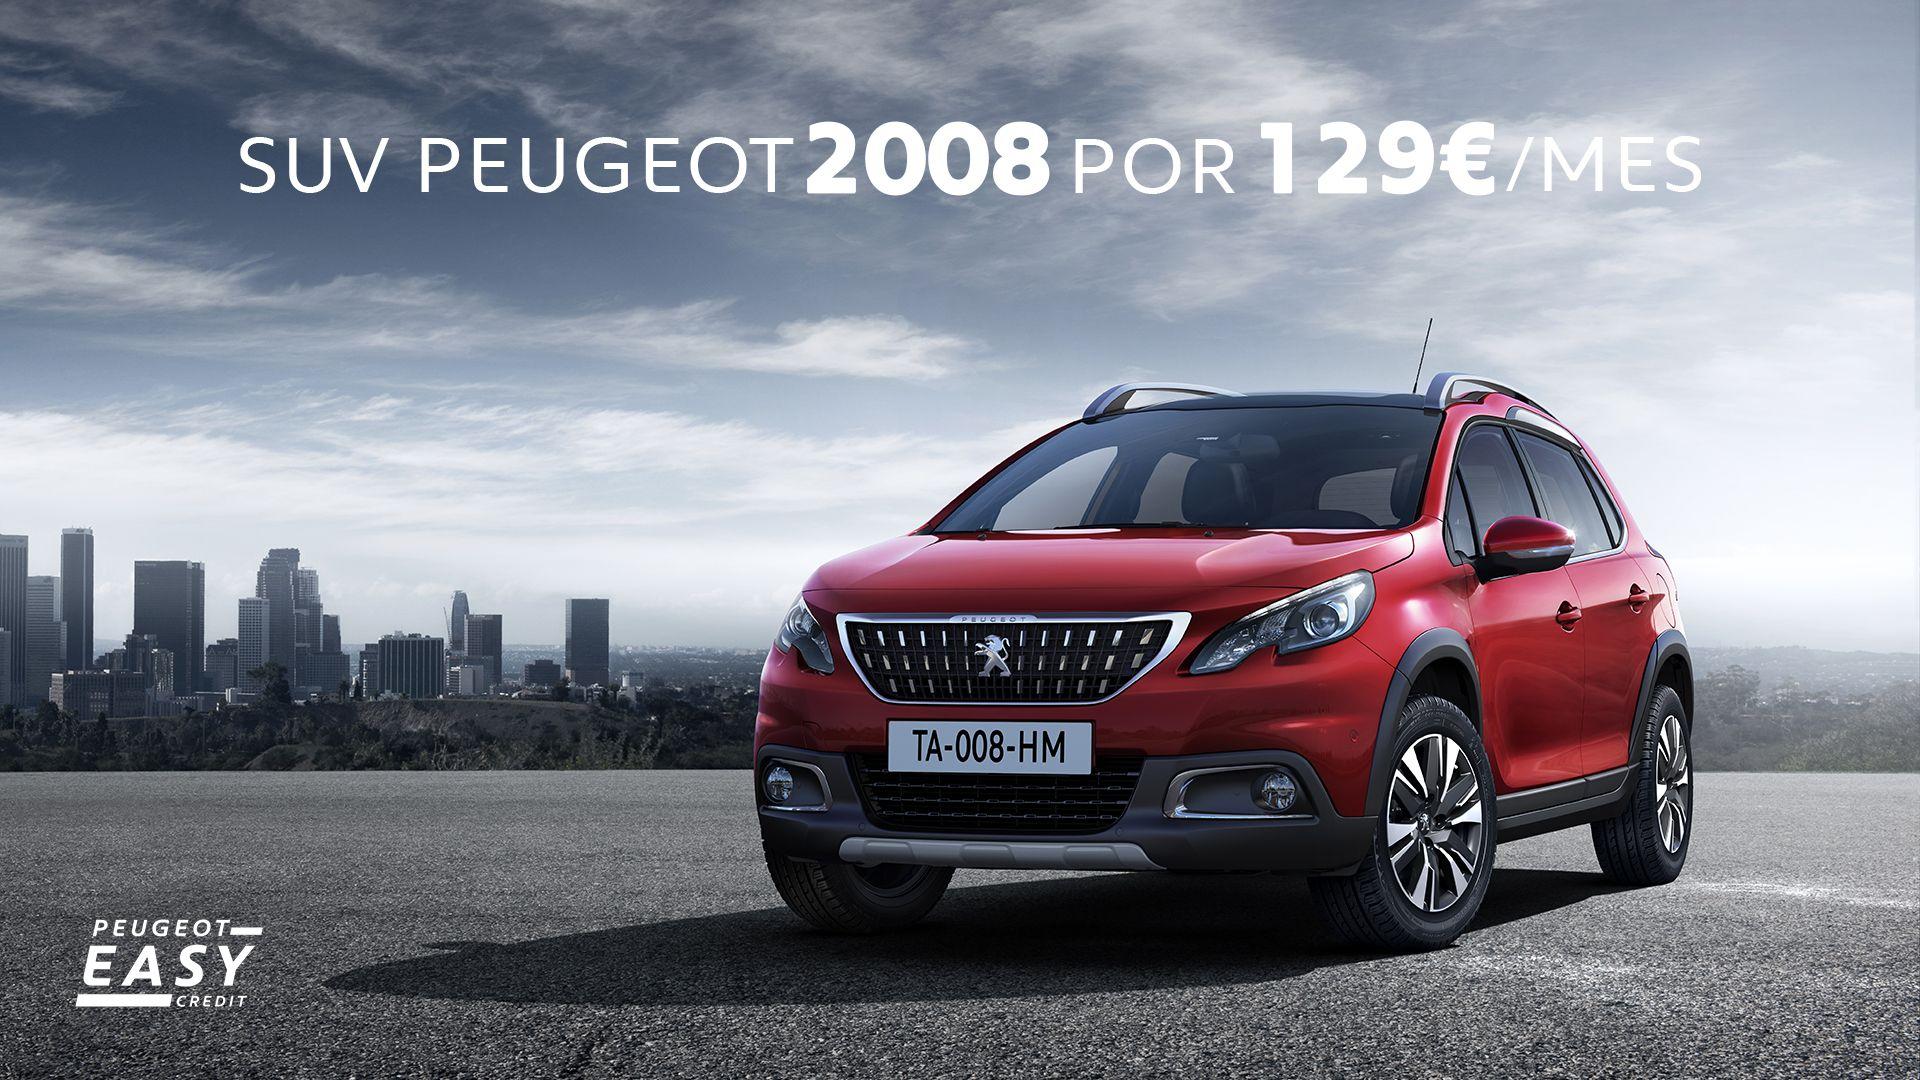 Estrena un Peugeot 2008 con Navegador y Mirror Screen por sólo 129€/mes